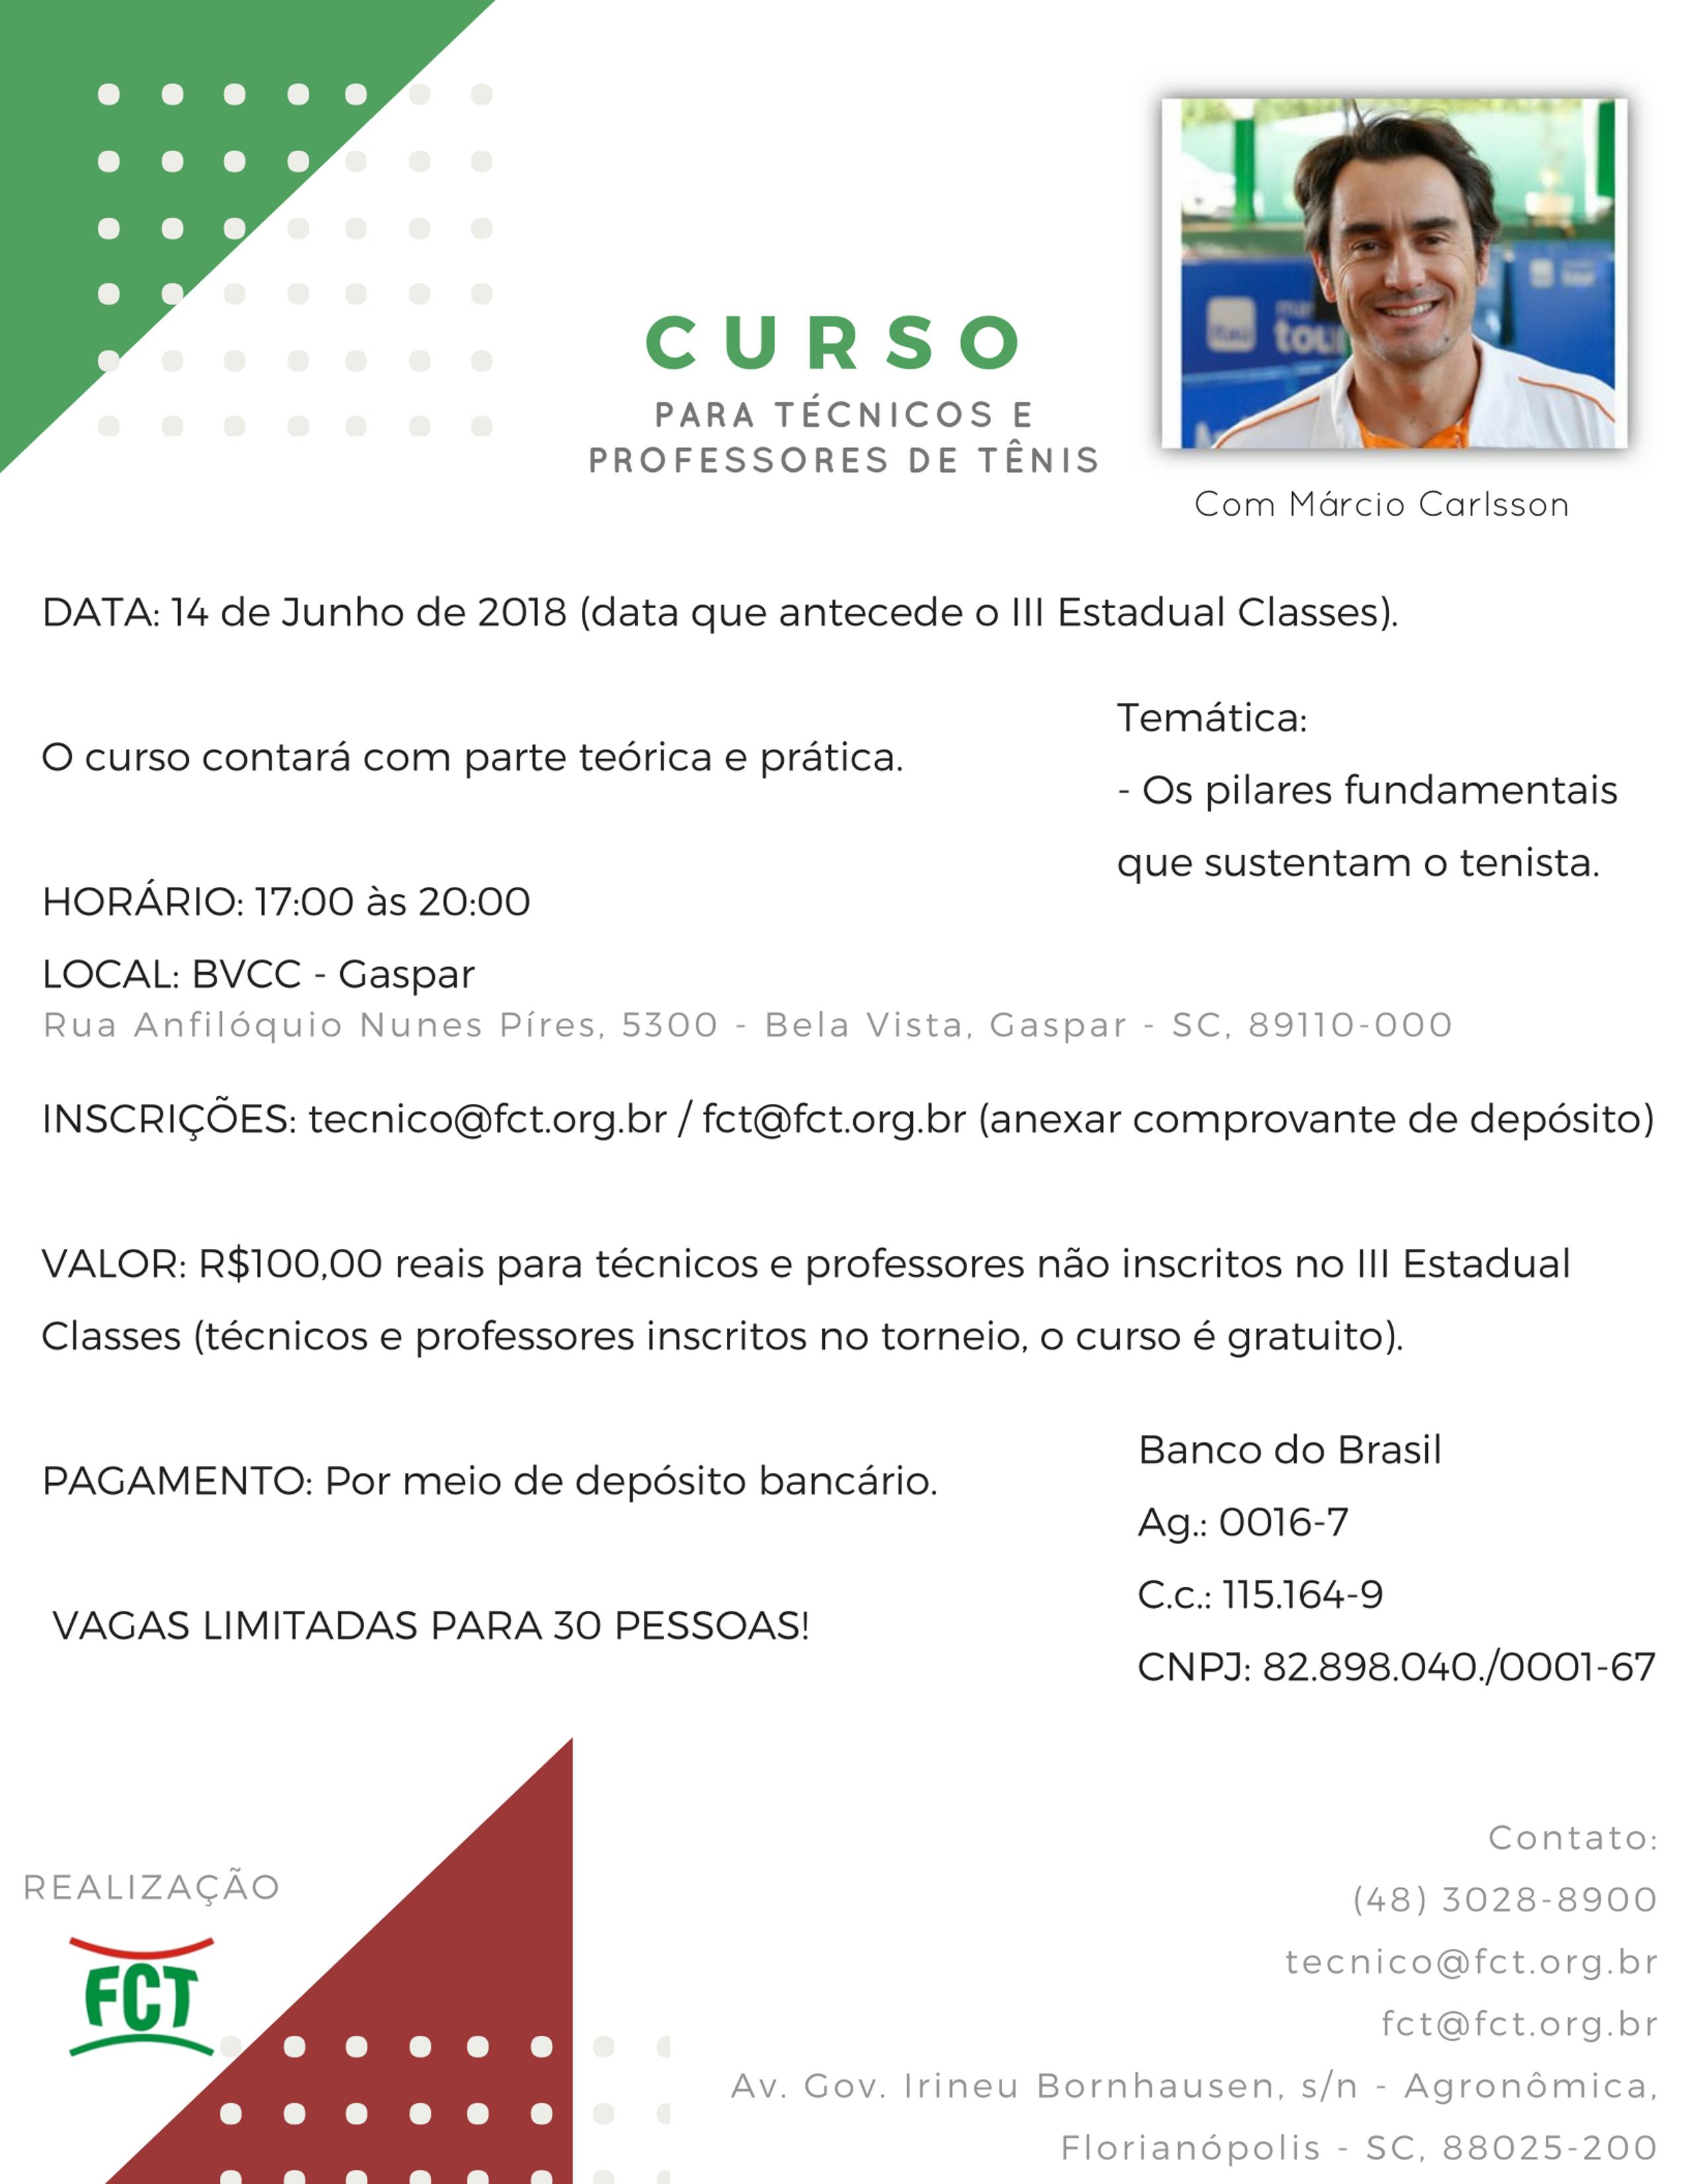 INSCRIÇÕES ABERTAS PARA O CURSO PARA TÉCNICOS E PROFESSORES DE TÊNIS COM MÁRCIO CARLSSON